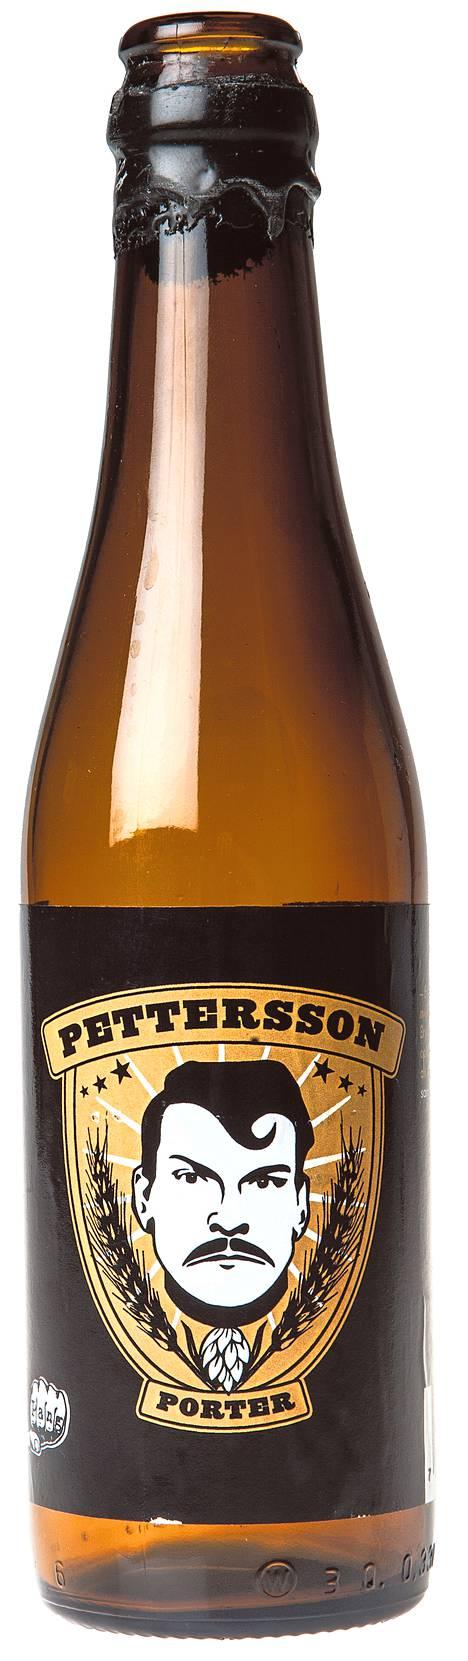 Tyhjä Pettersson. <br />Maistui mämmiltä.